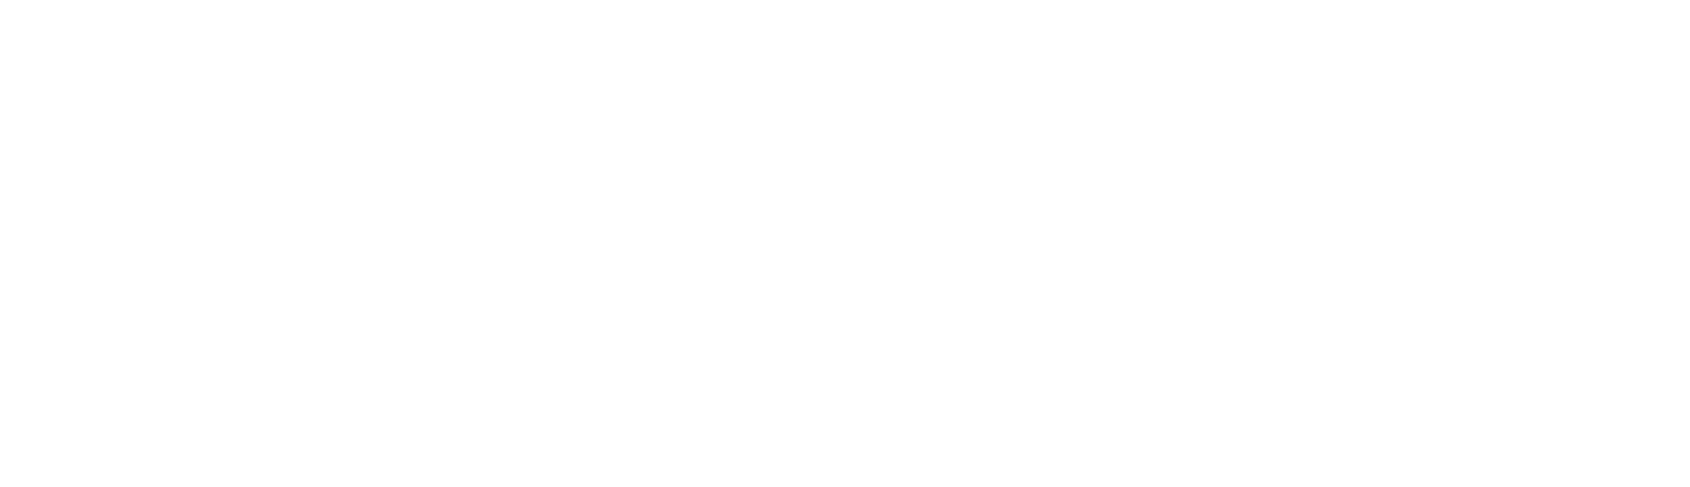 Route-66-logo